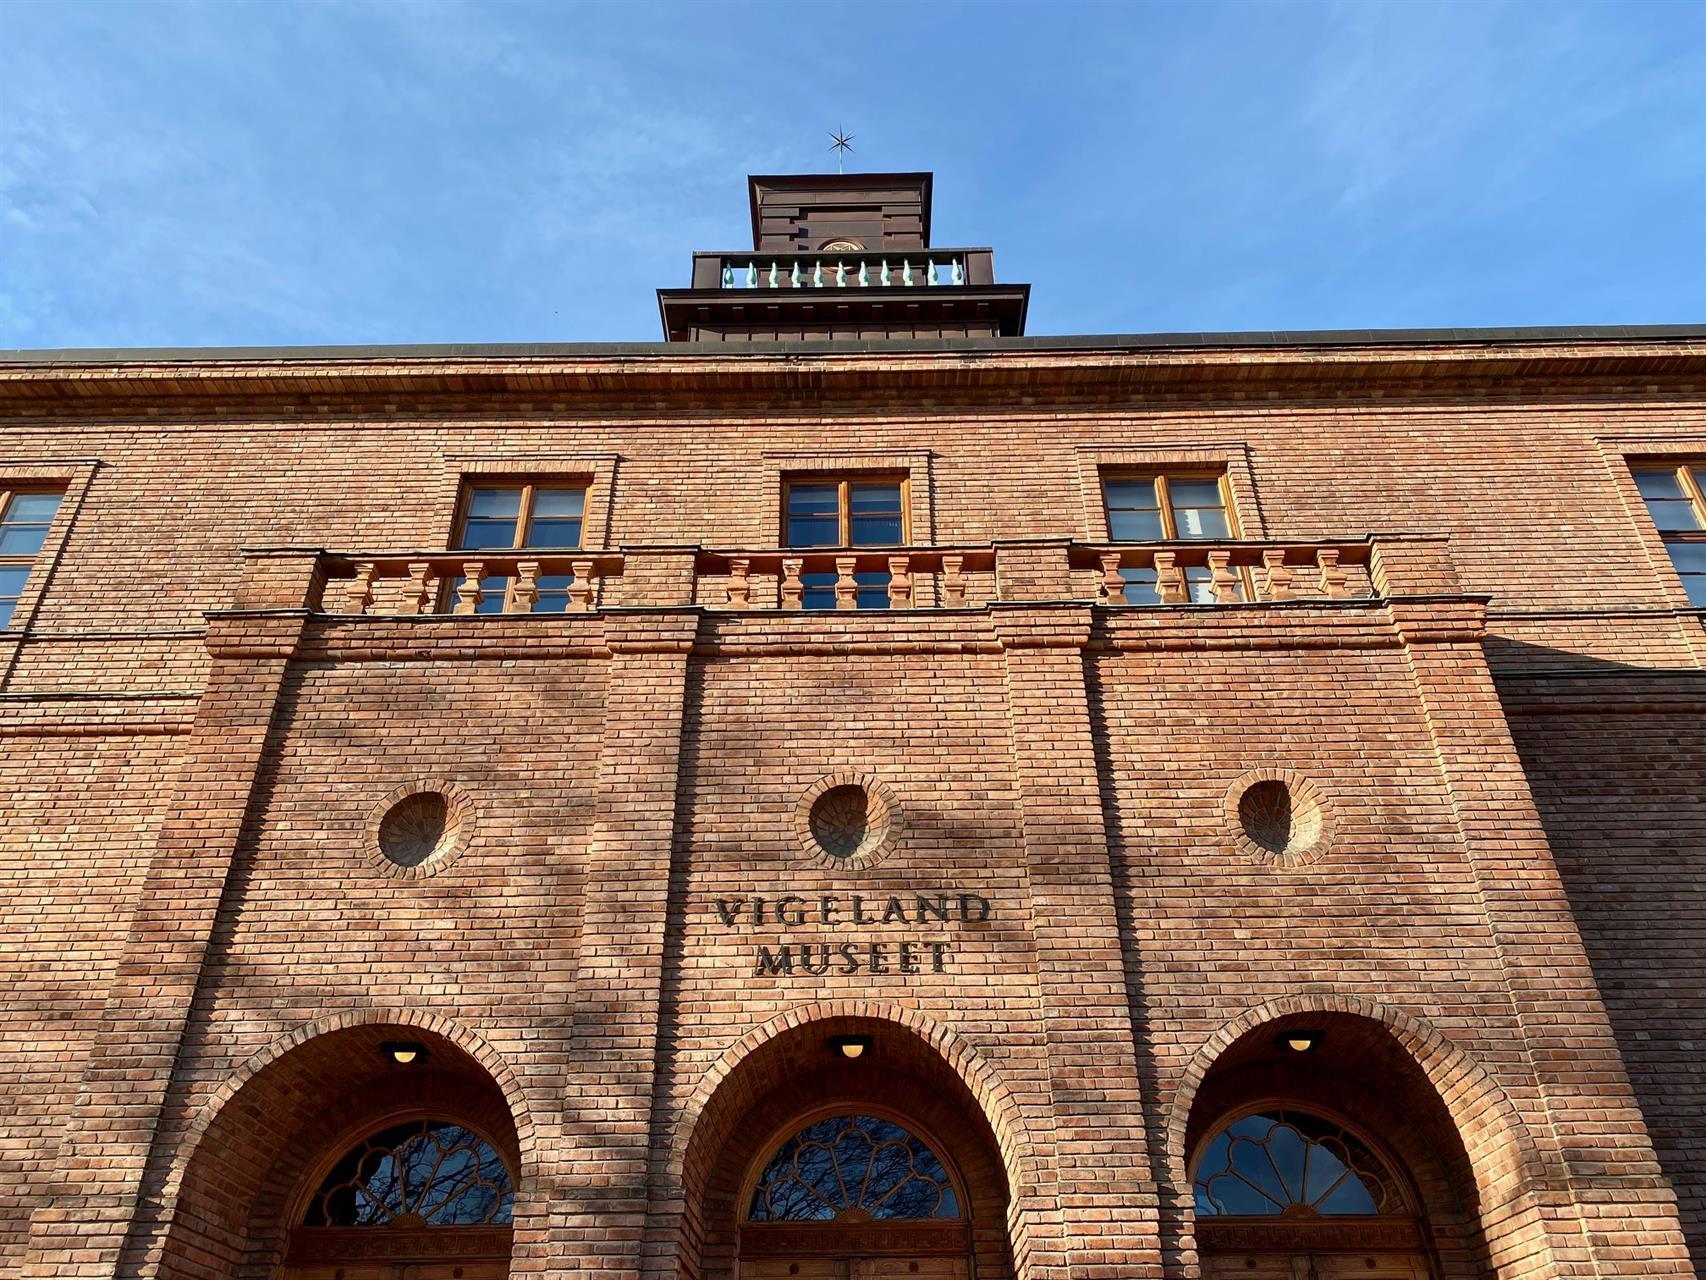 Vigelands-museet